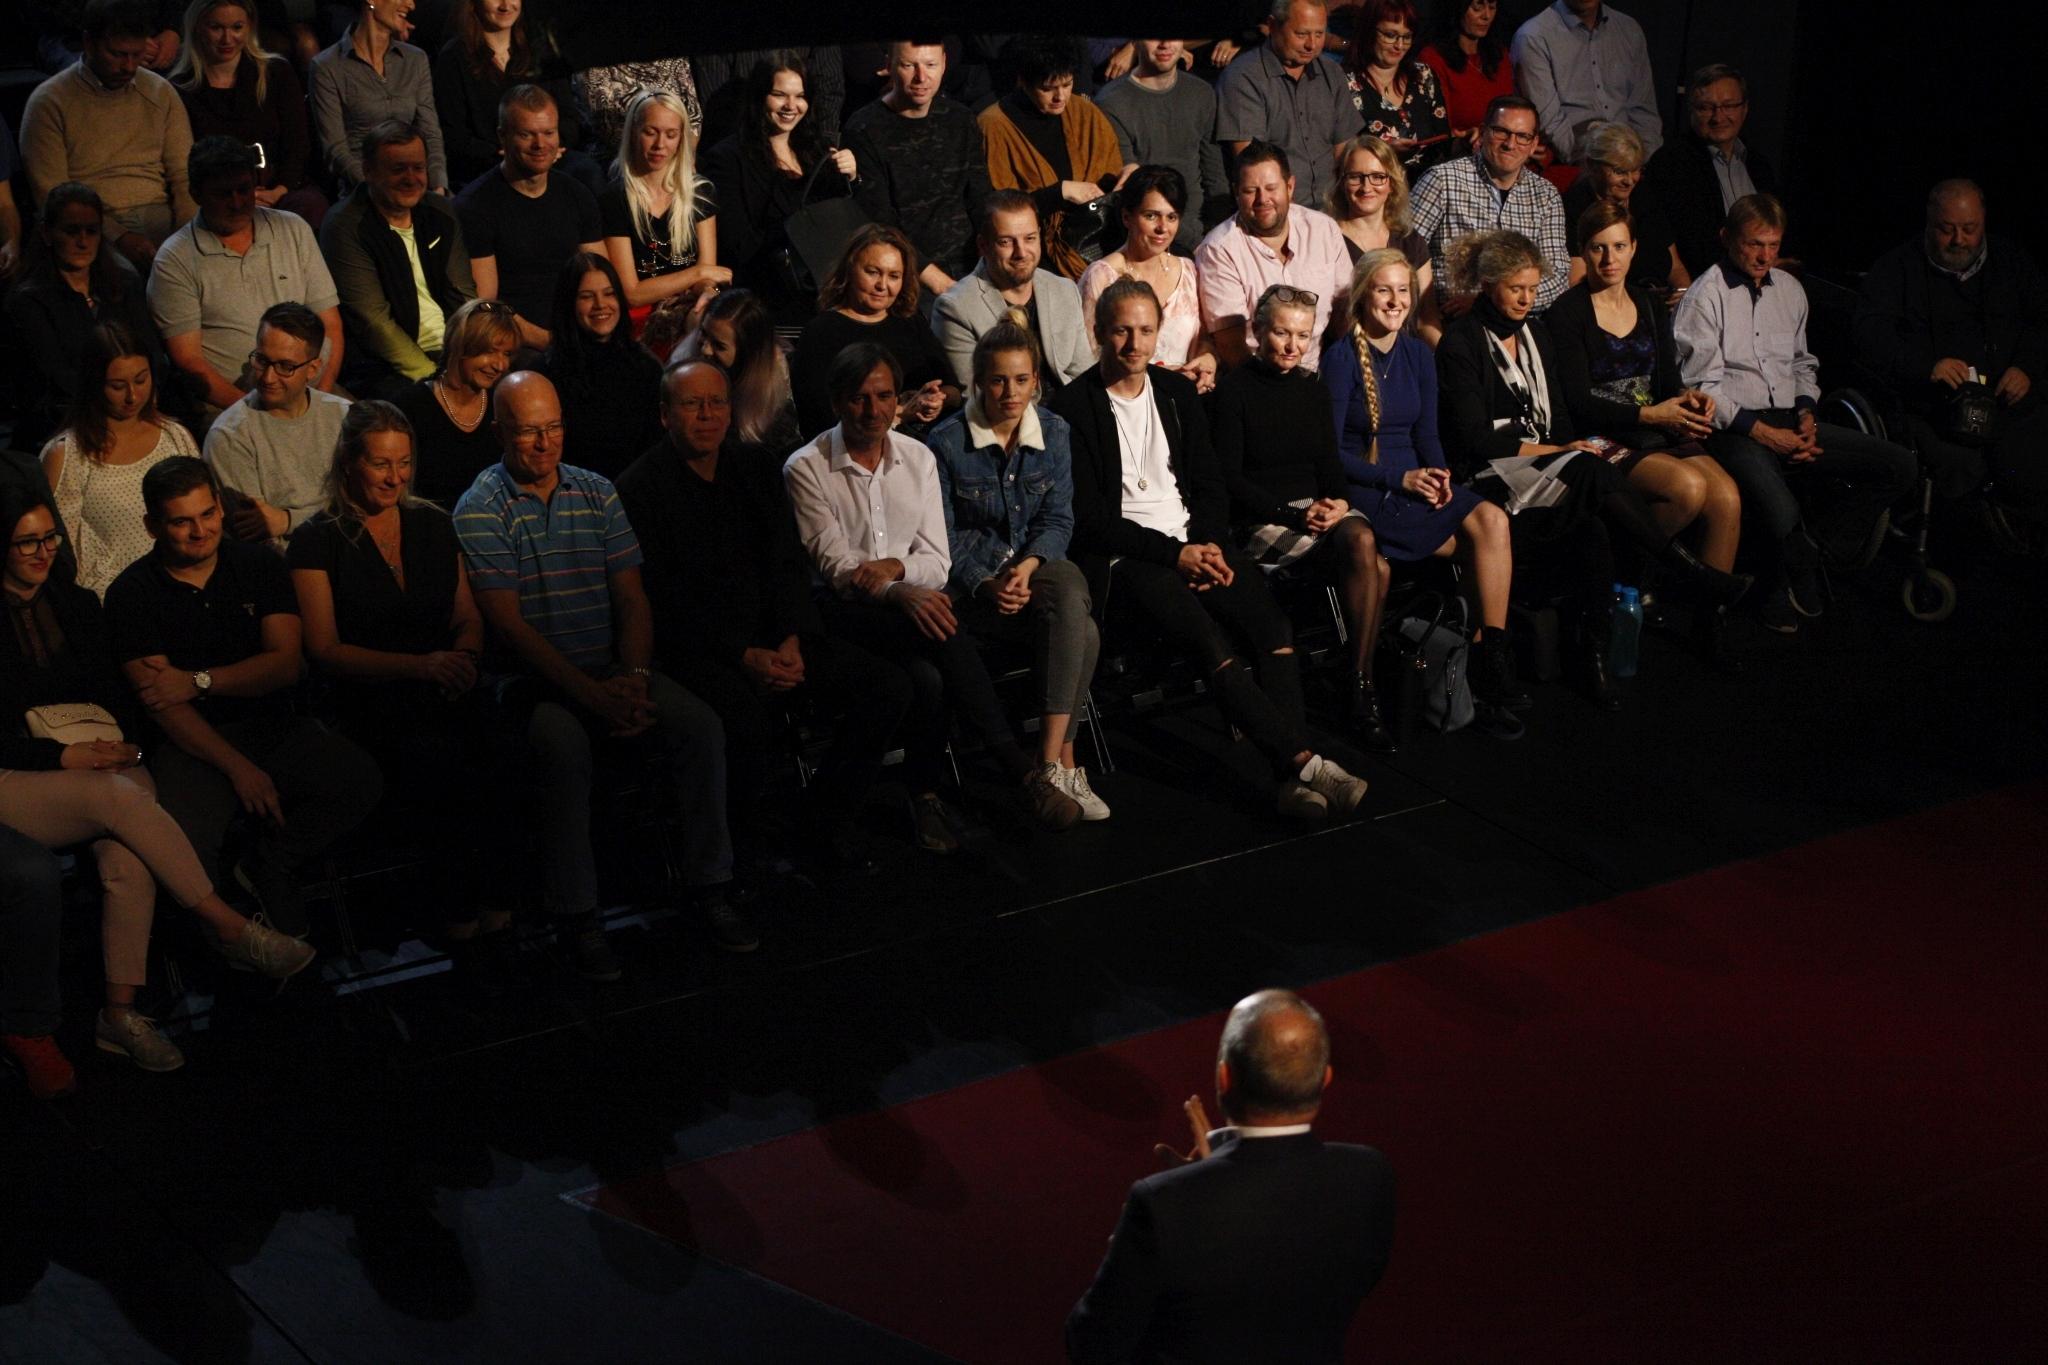 Uvítání hostitelem, na svém místě je i pan Odvárka, po jeho levici sedí Ester Kubová, sestra Tamary Klusové, a zpěvák Tomáš Klus, manžel Tamary.